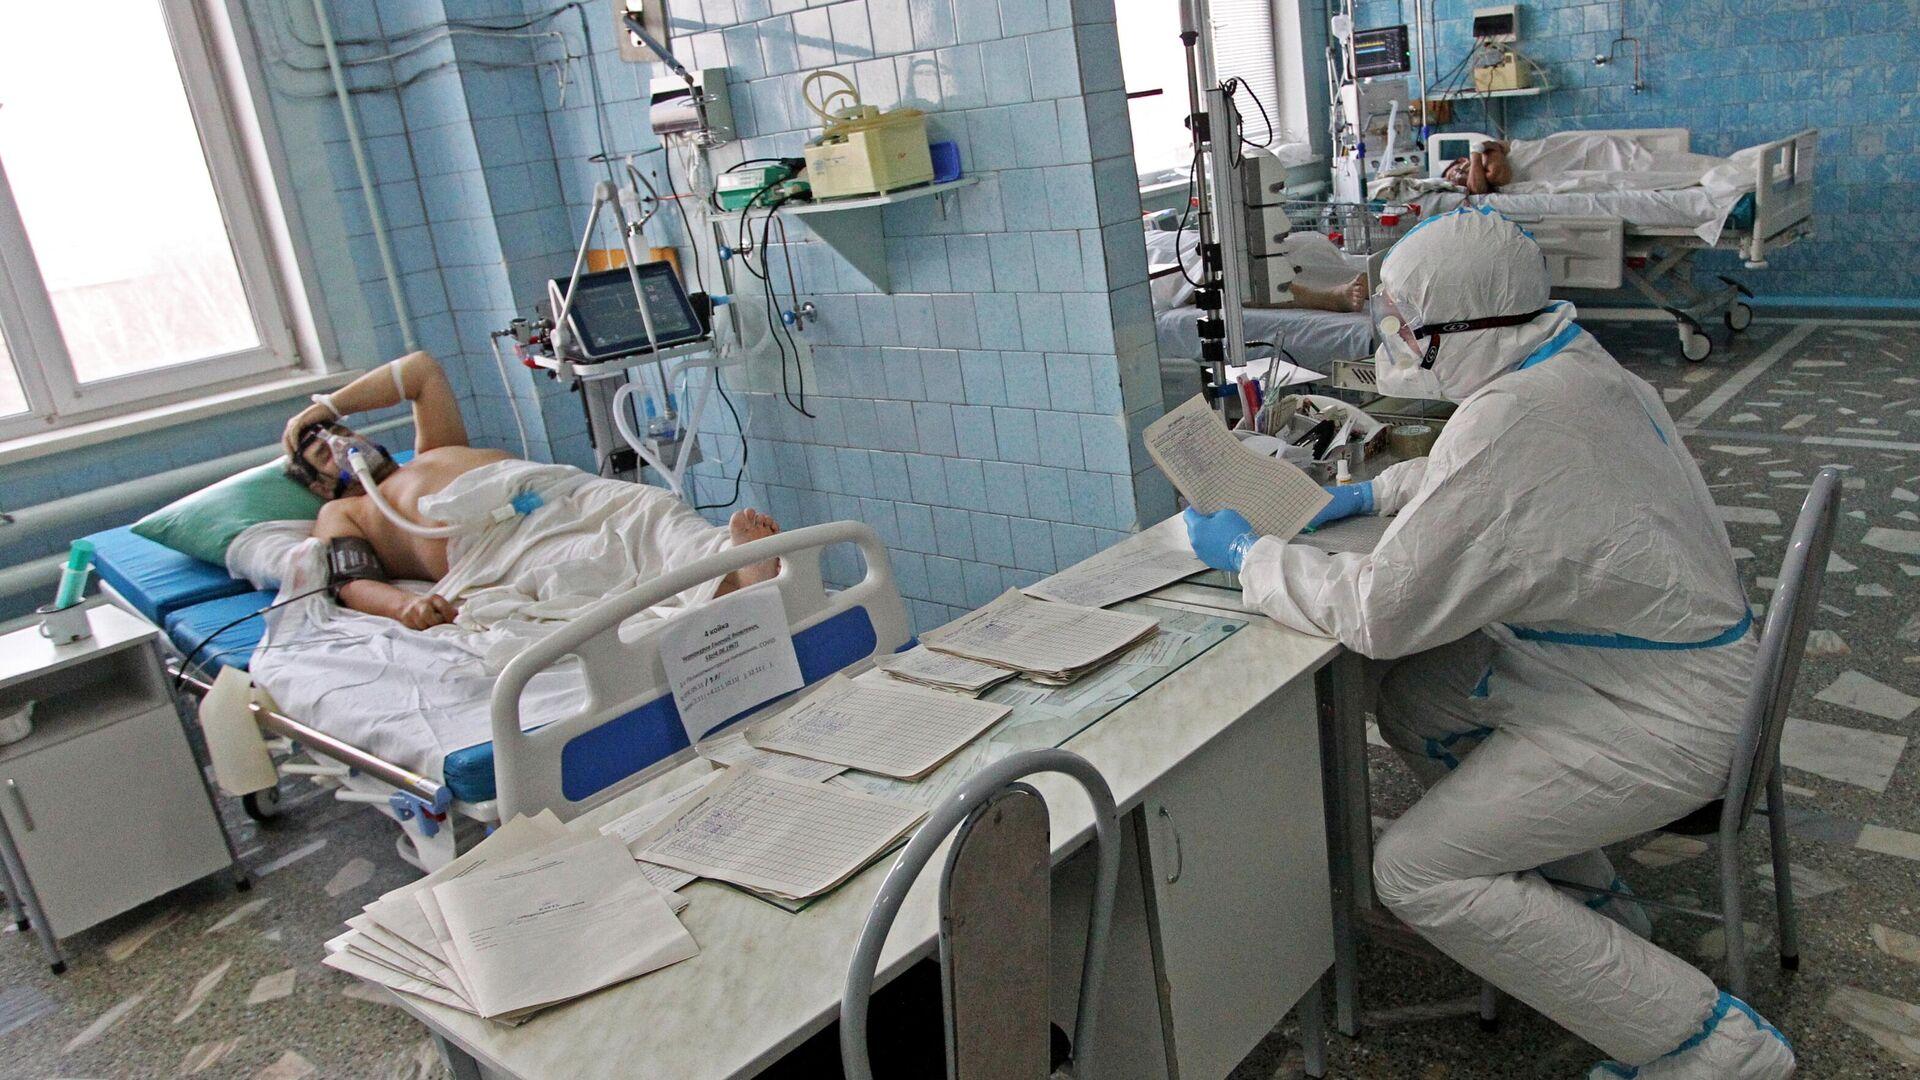 Медицинский работник и пациент в отделении интенсивной терапии ковид-госпиталя в городе Новоалтайске - РИА Новости, 1920, 19.11.2020